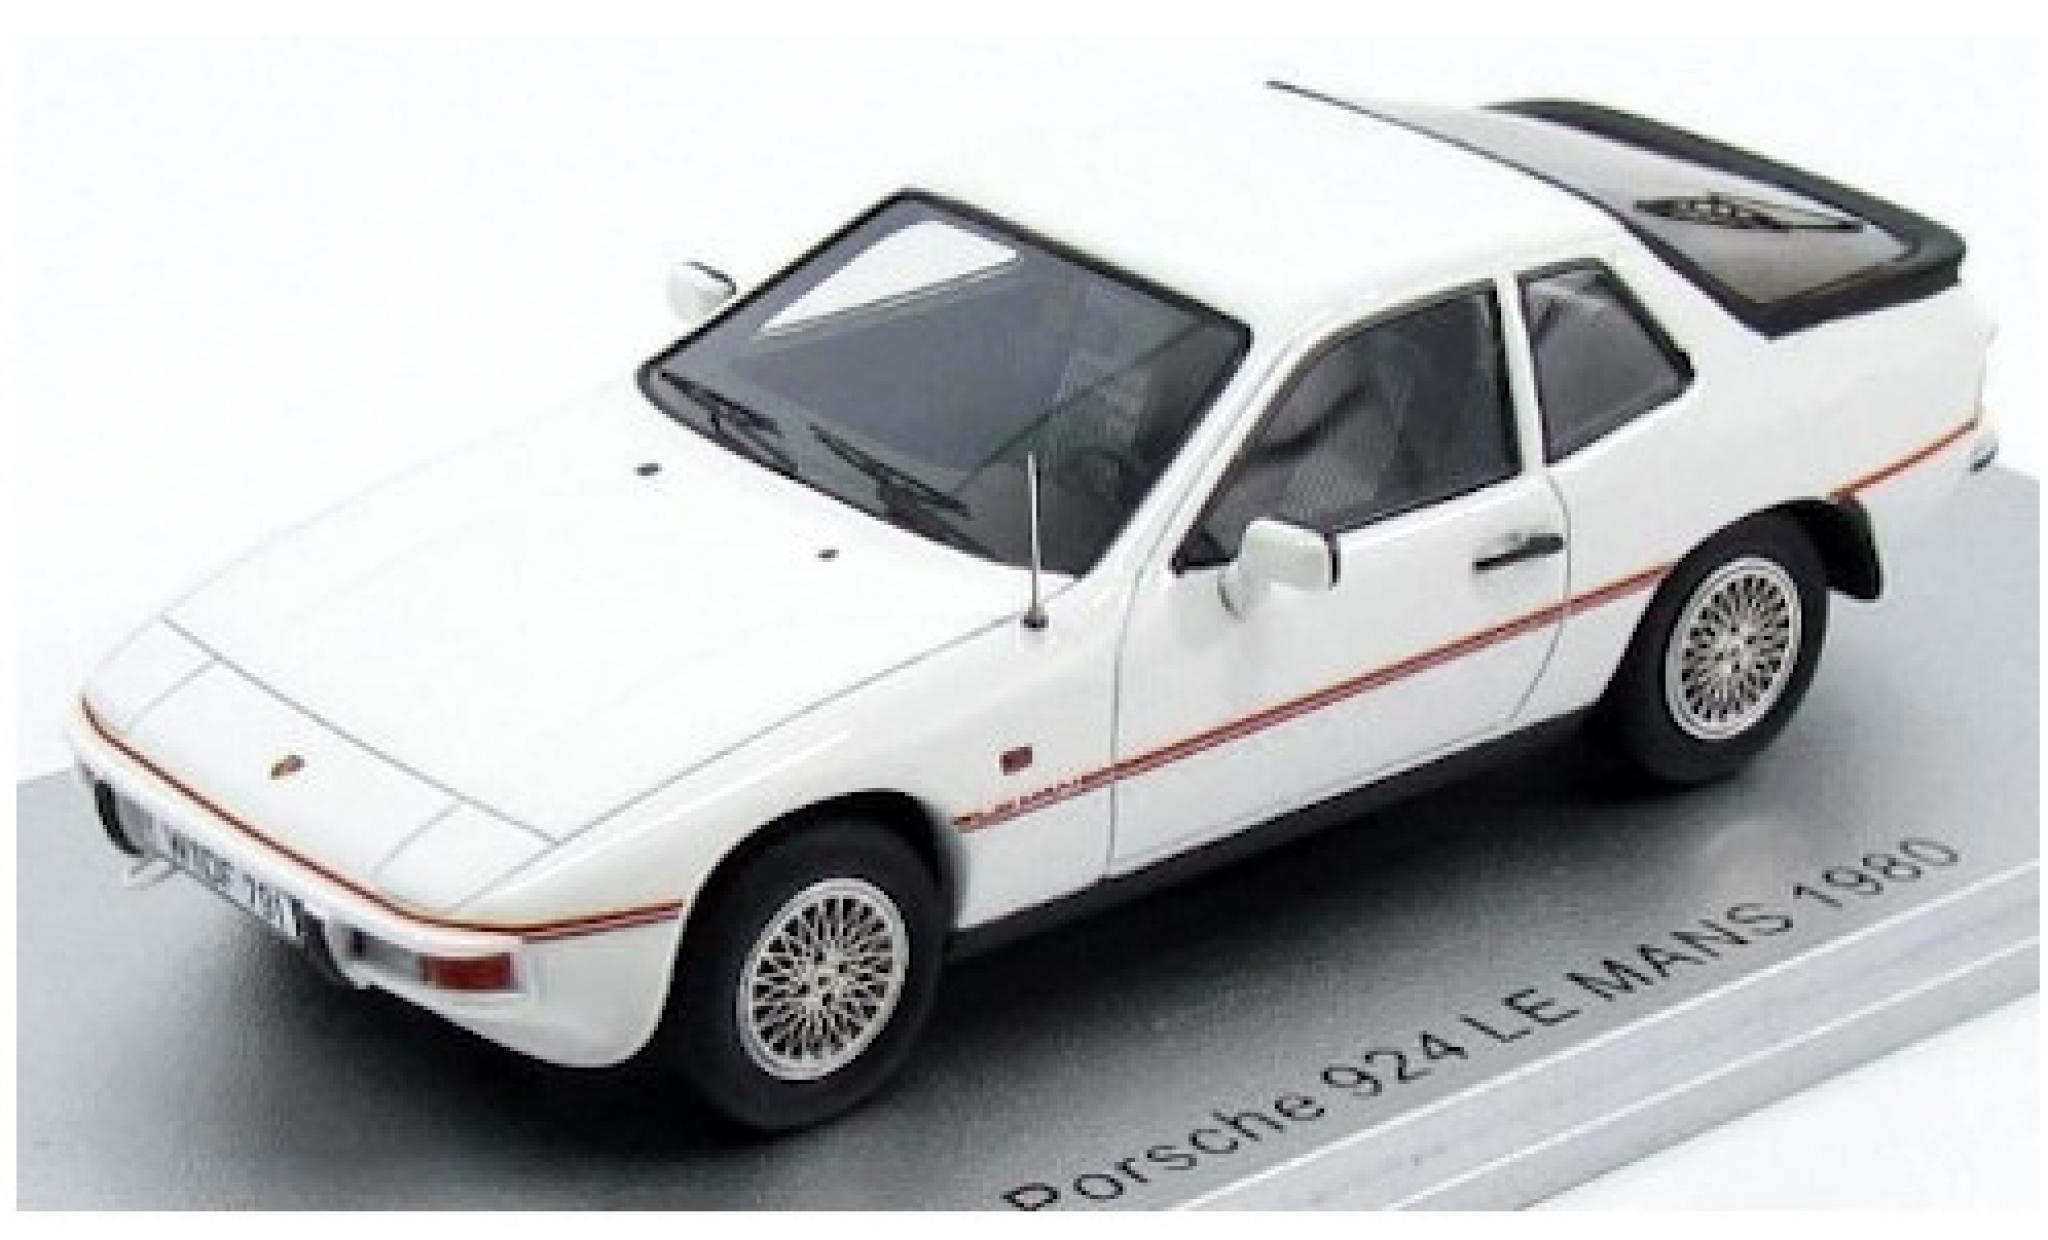 Porsche 924 1/43 Kess Le Mans blanche 1980